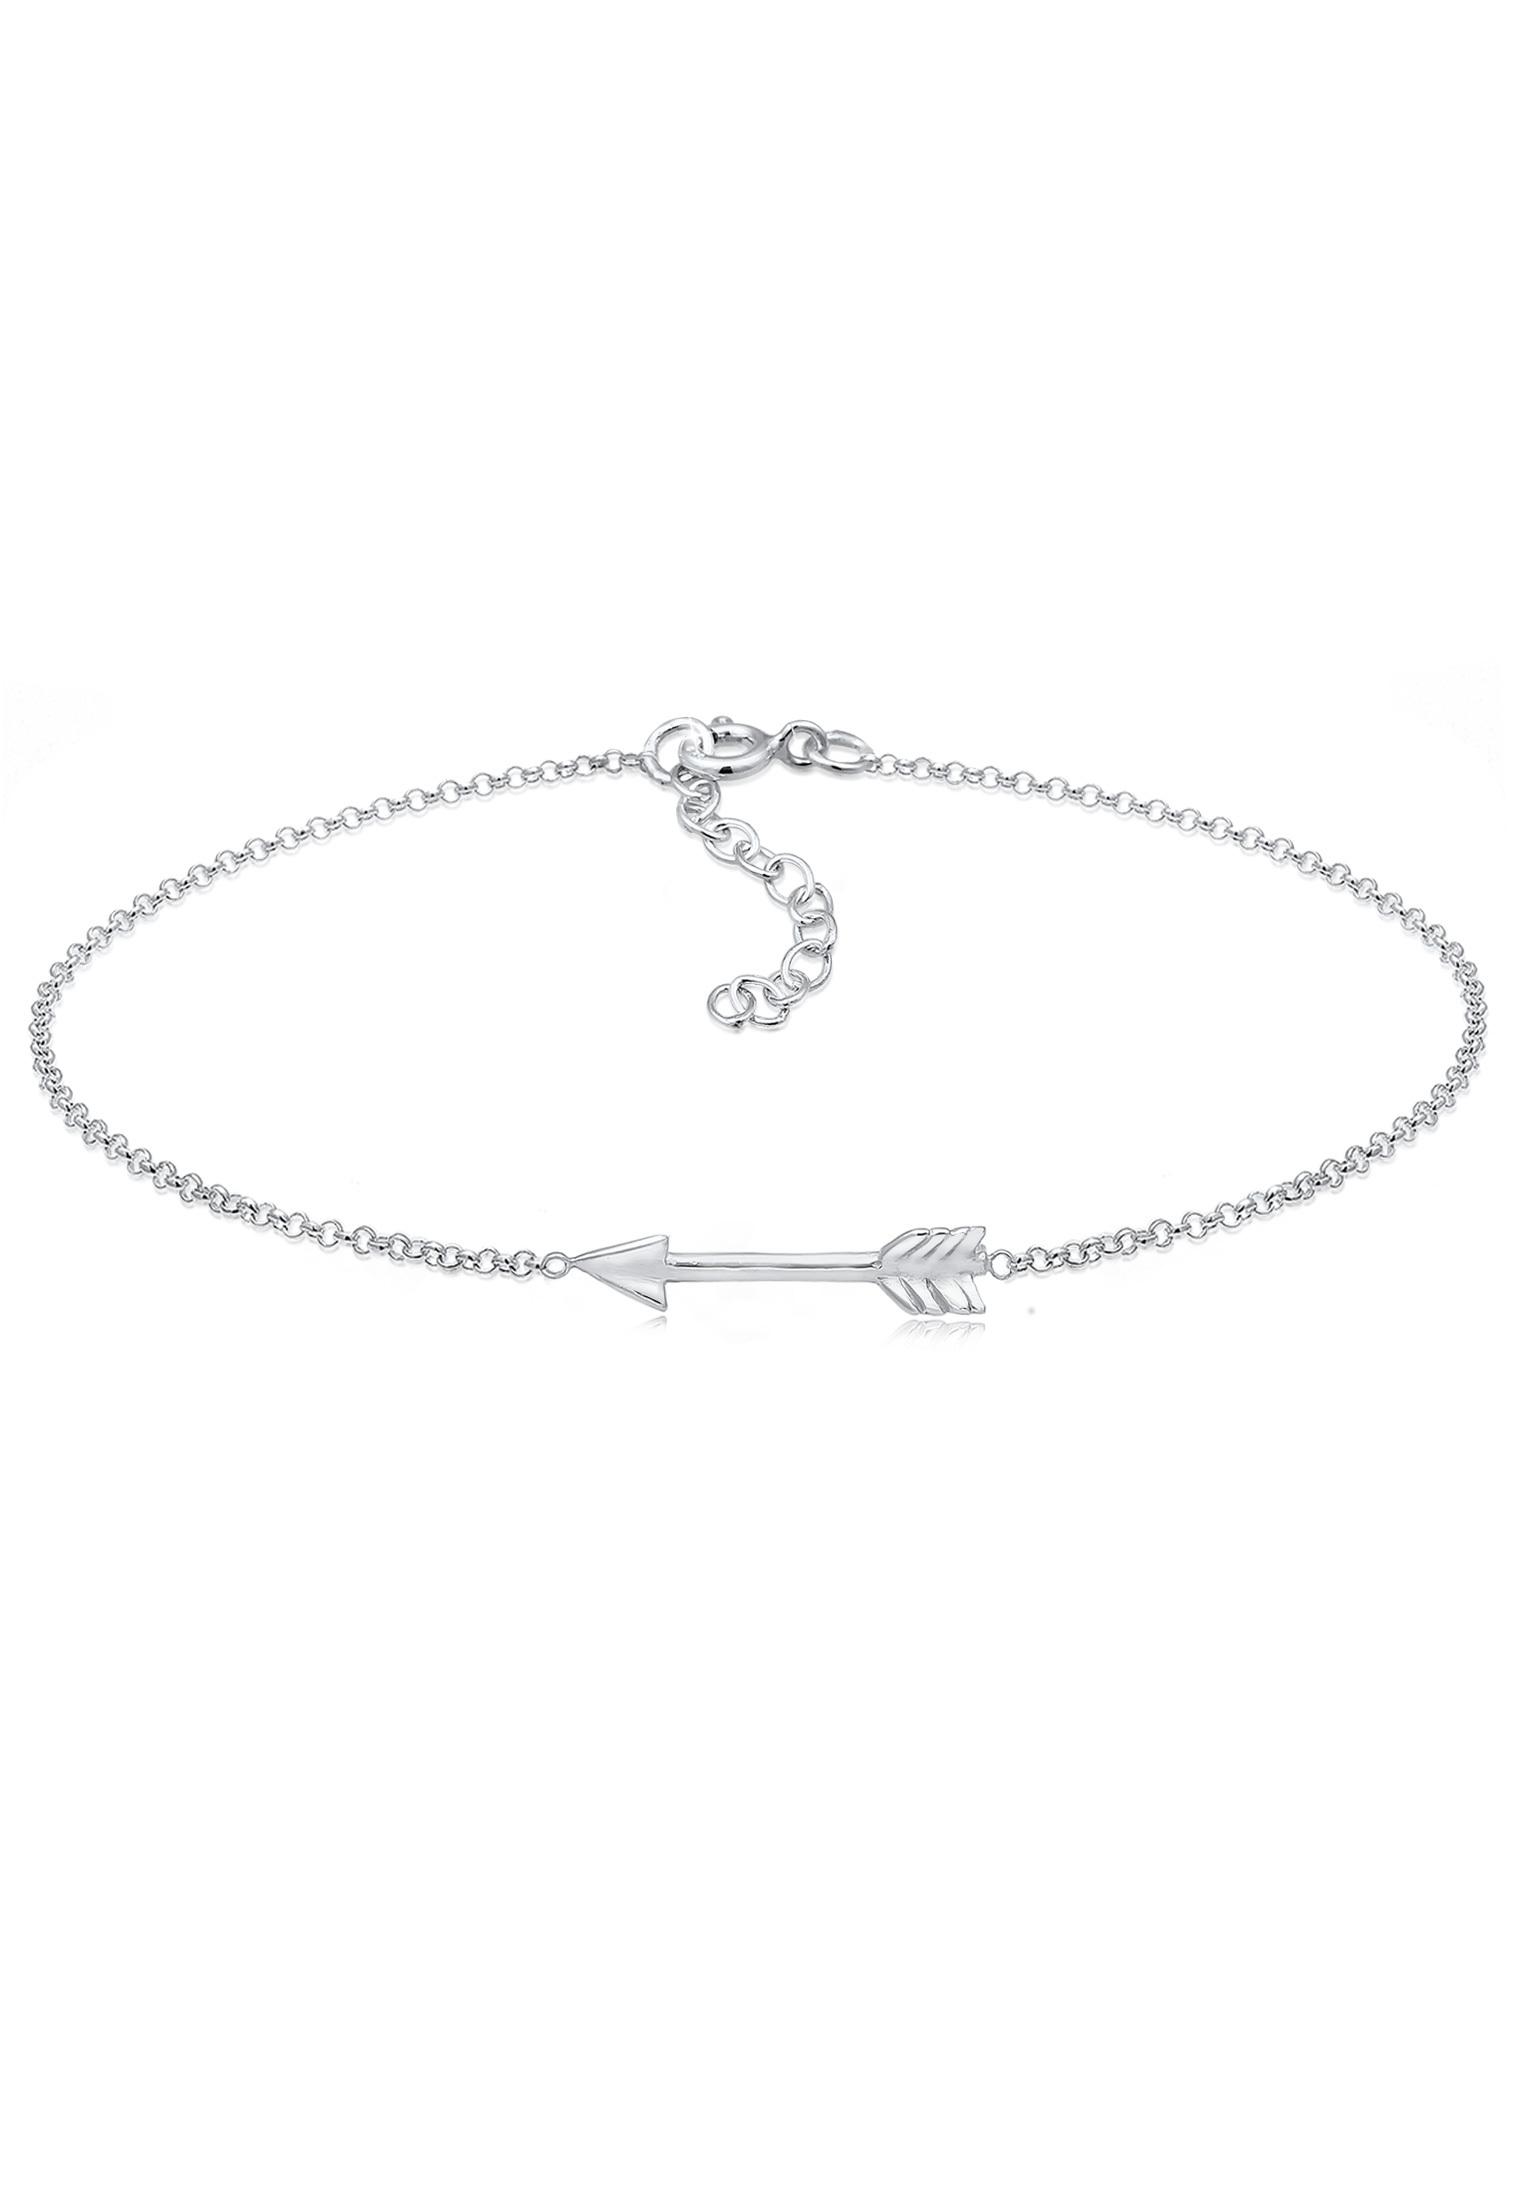 Armband Pfeil | 925er Sterling Silber